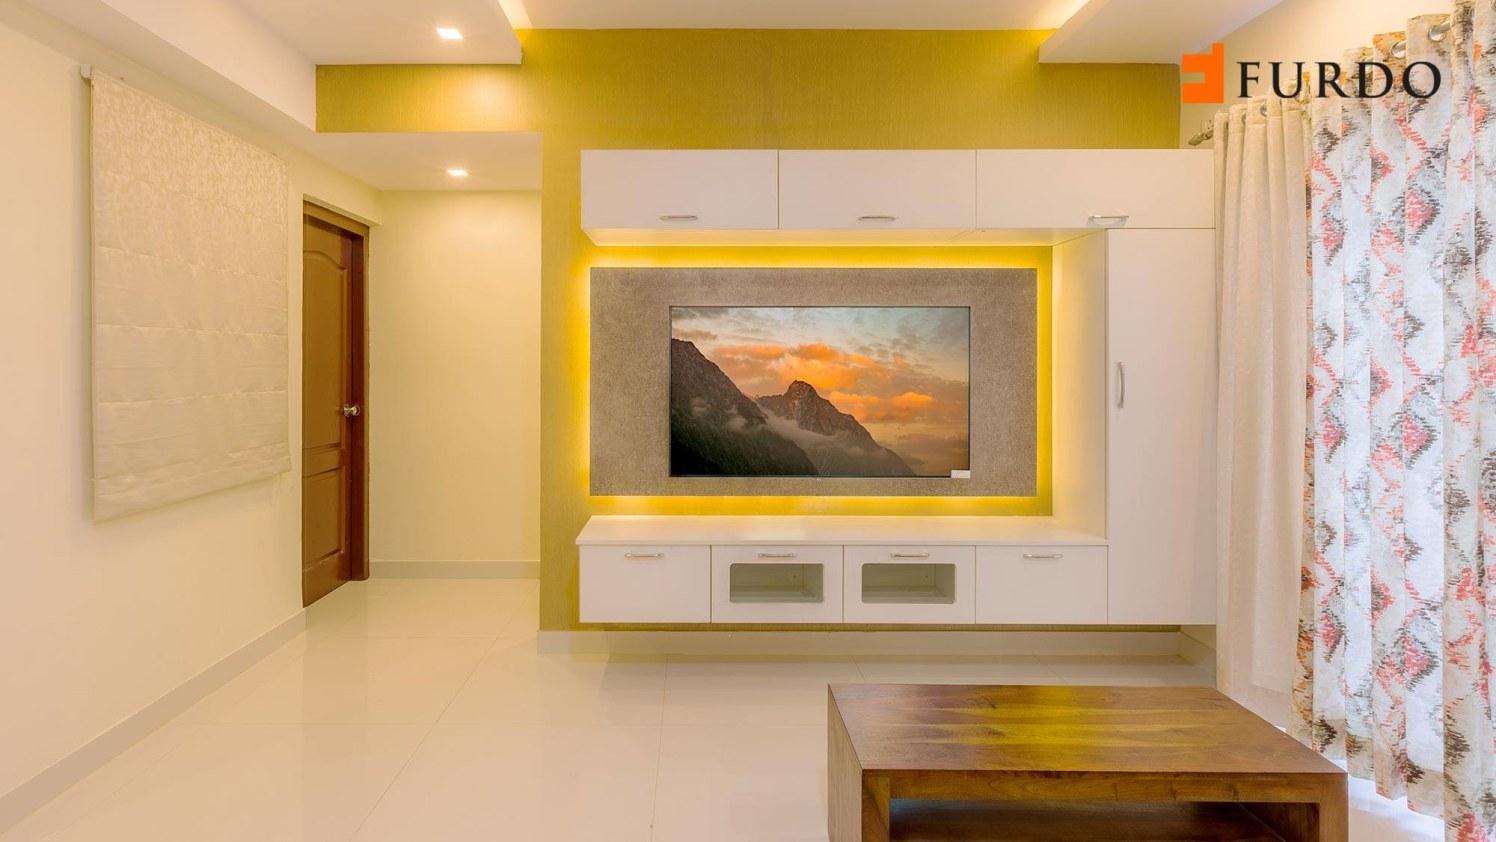 Living Room With White TV-Unit by Furdo.com Living-room Modern | Interior Design Photos & Ideas